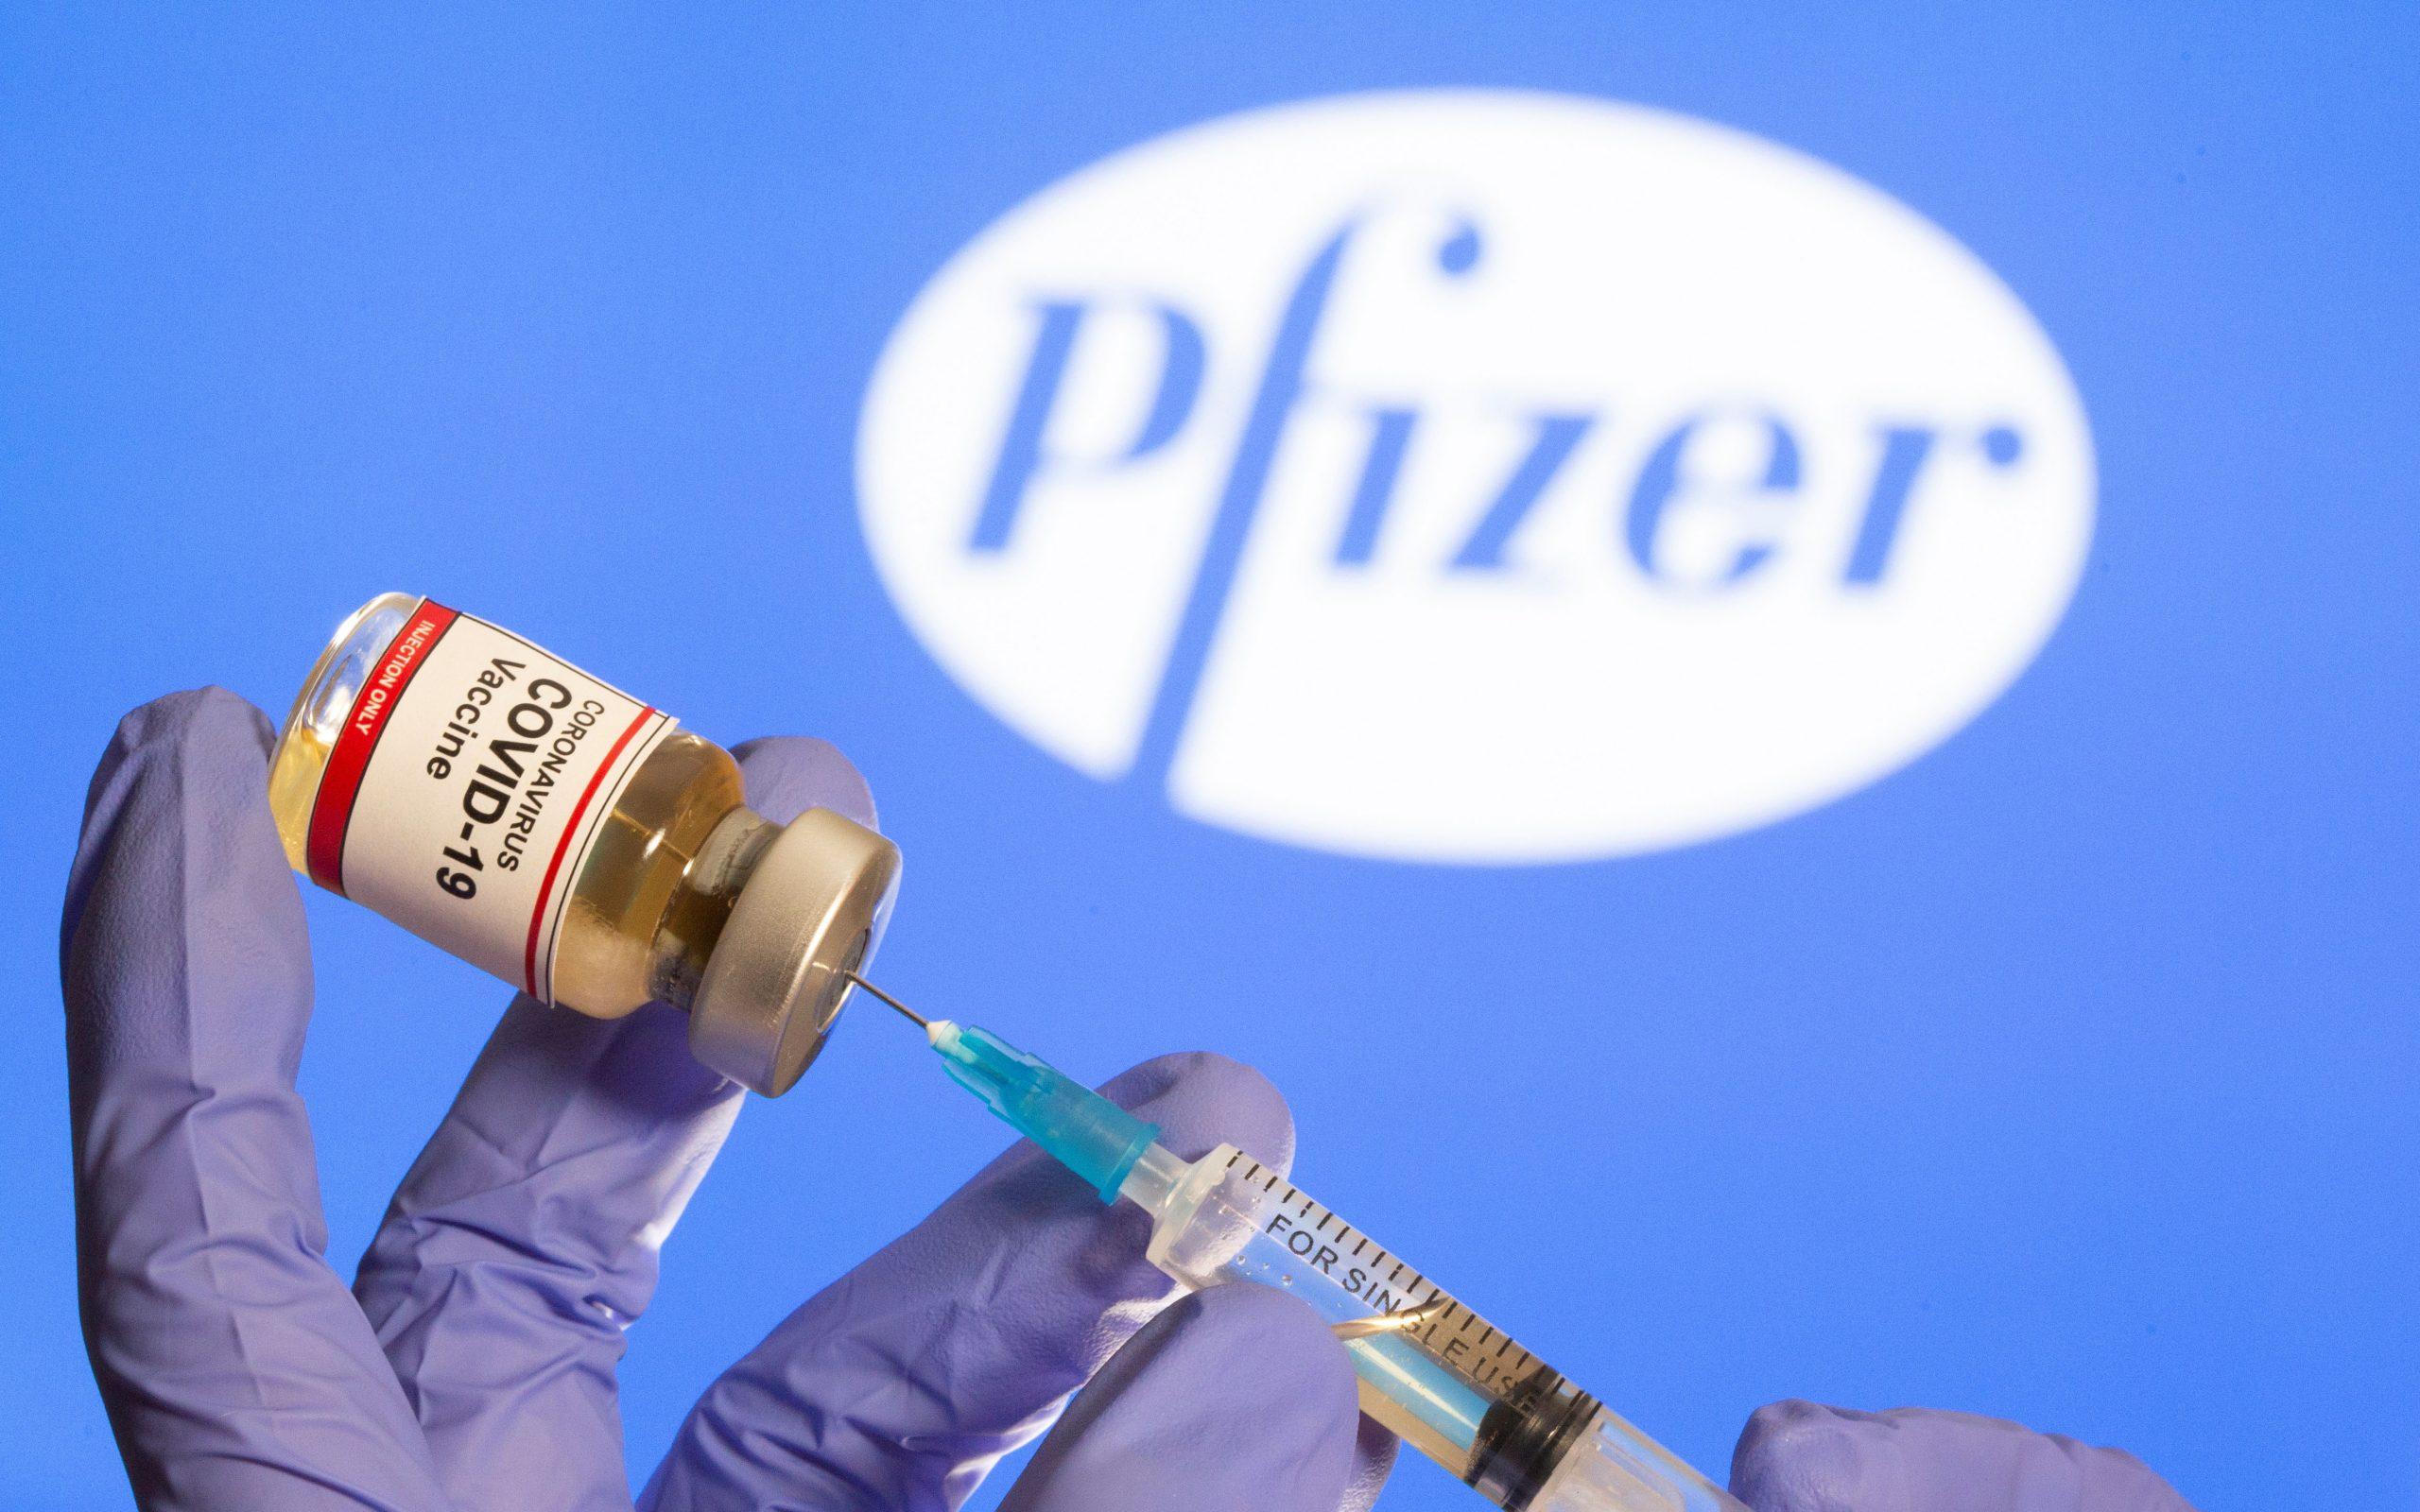 Μια ανάσα πριν την έγκριση το εμβόλιο κατά του κορωνοιού - Πότε έρχεται Ελλάδα;